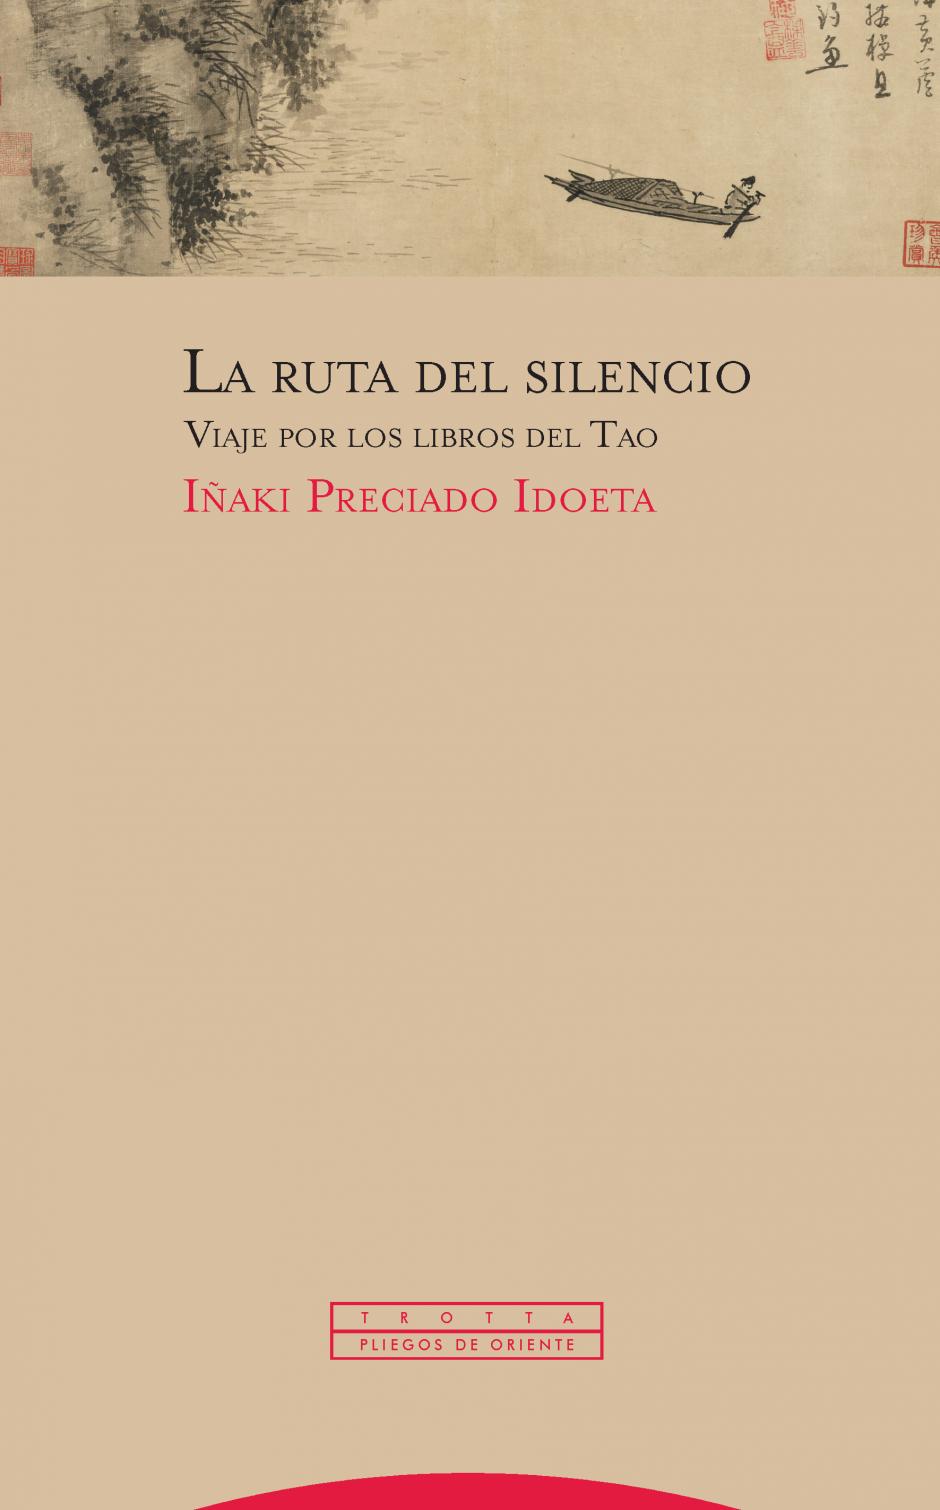 La ruta del silencio.  Viaje por los libros del Tao. Por  Iñaki Preciado Idoeta